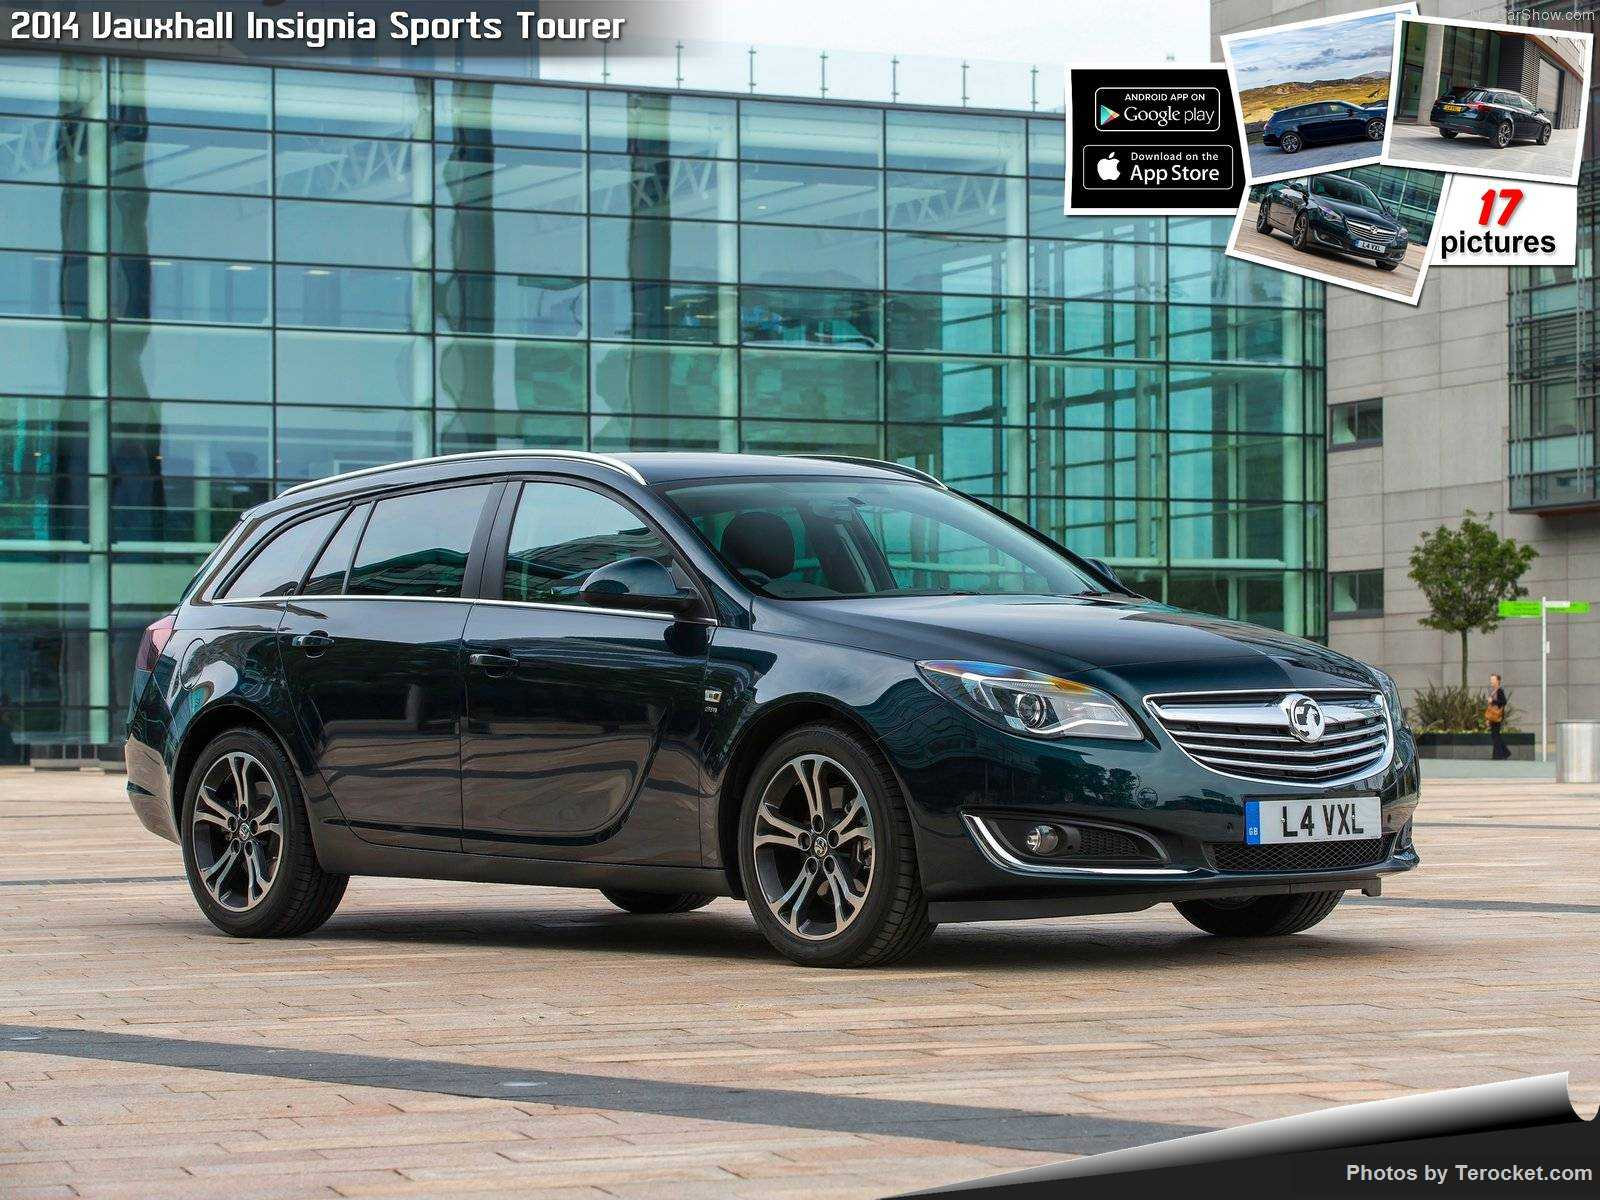 Hình ảnh xe ô tô Vauxhall Insignia Sports Tourer 2014 & nội ngoại thất